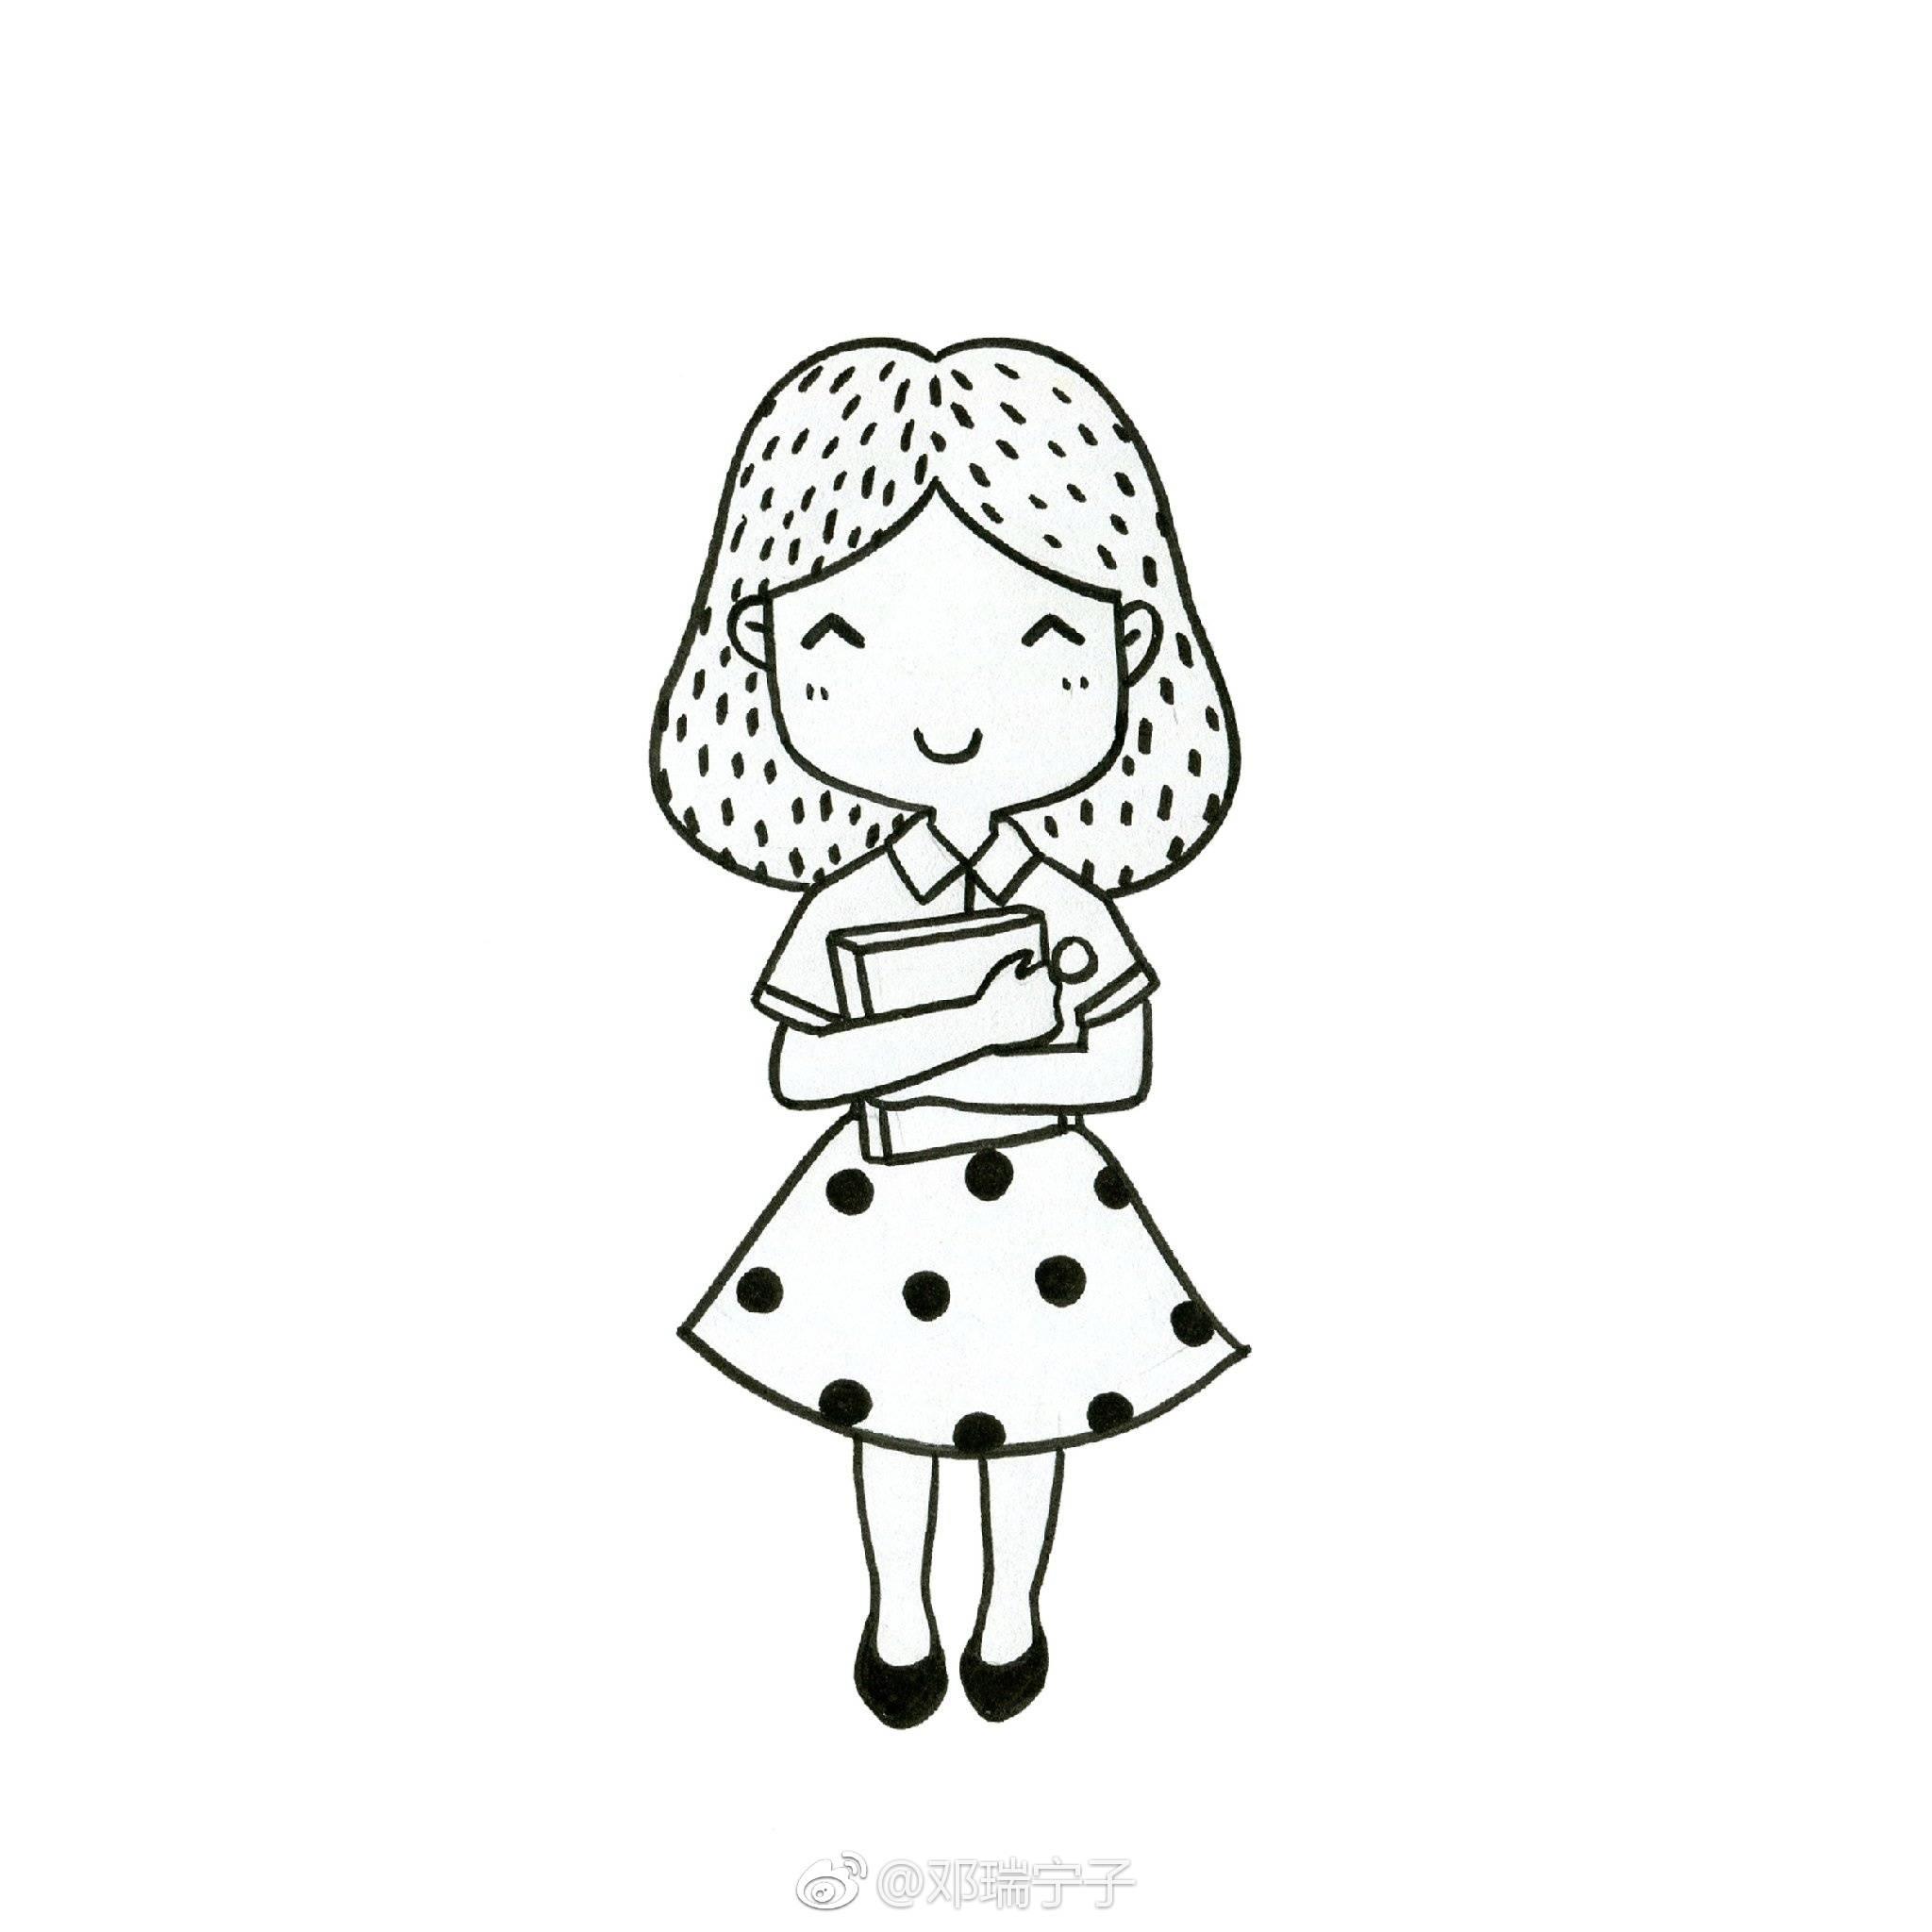 手账简笔画素材 九个萌萌哒黑白简笔画小人物画像 邓瑞宁子